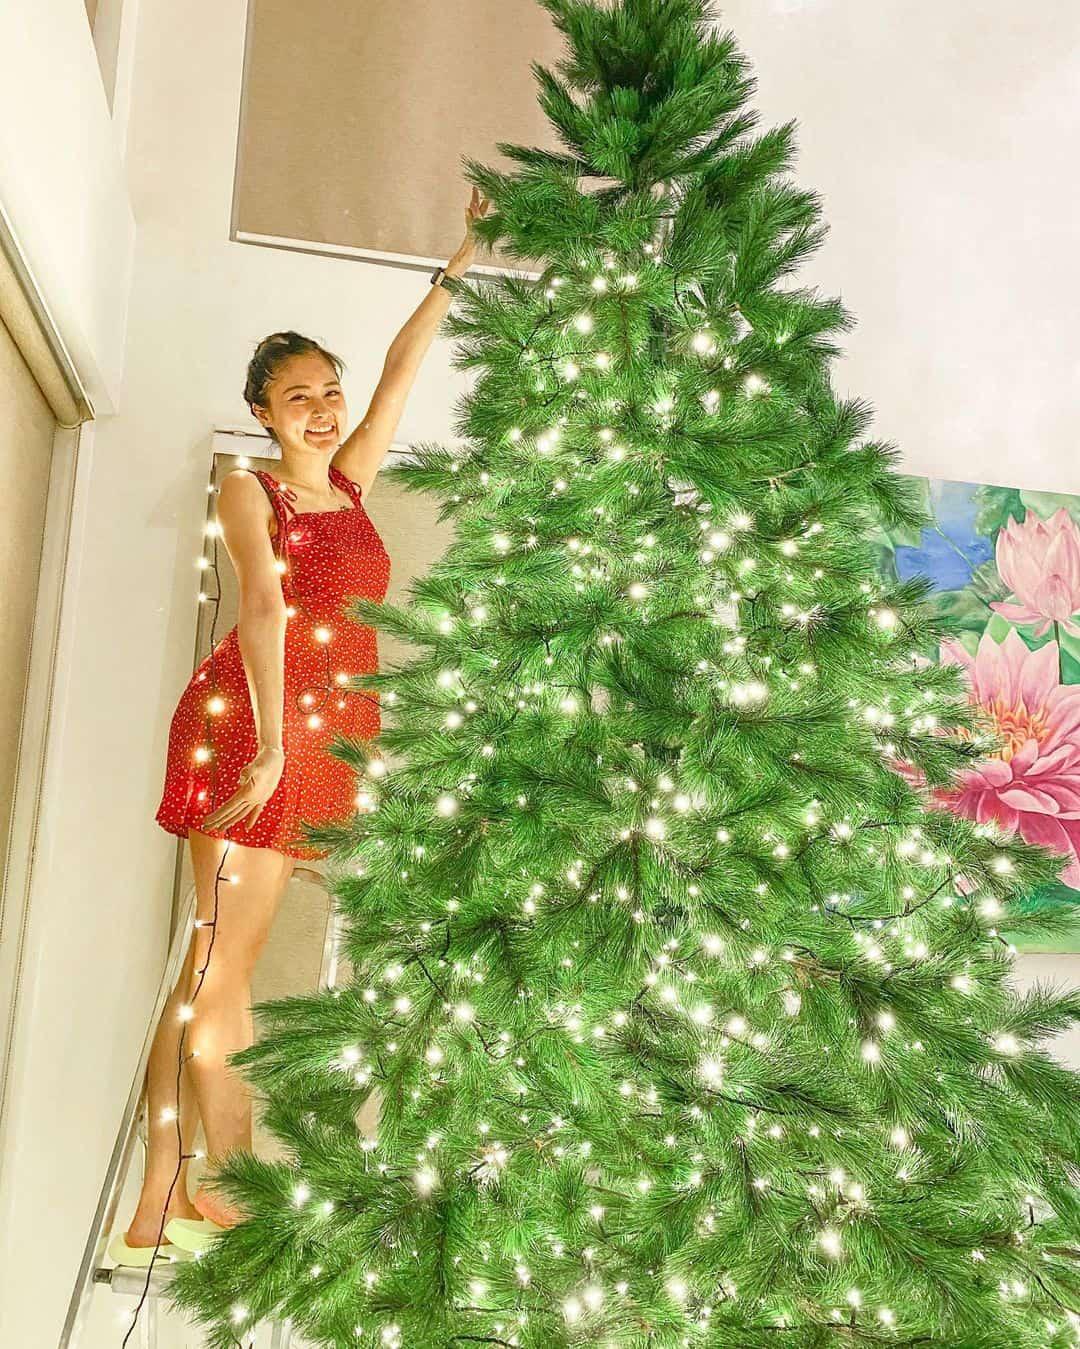 Kim Chiu's 2020 Christmas tree